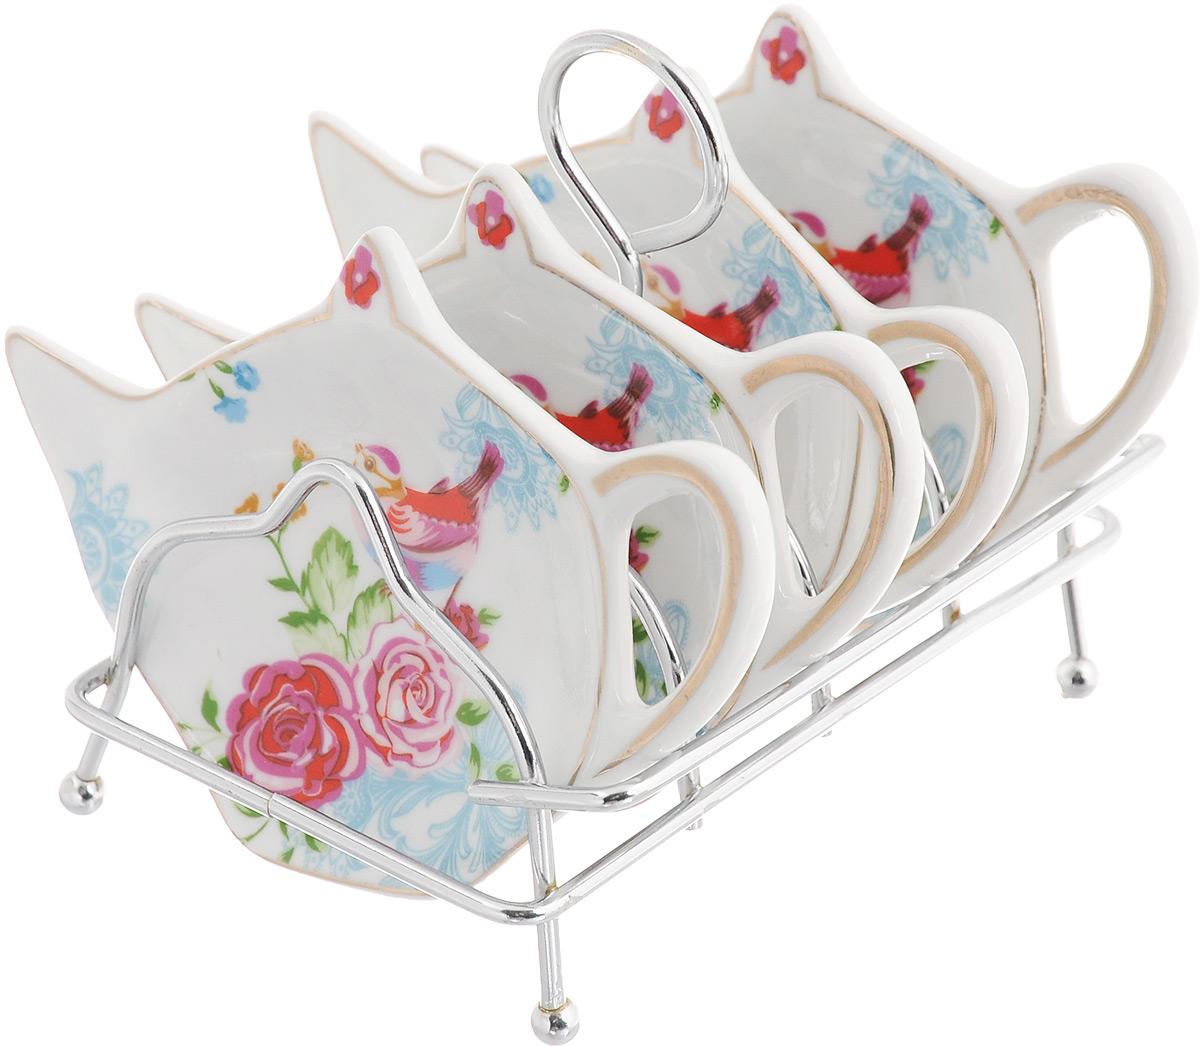 Набор подставок для чайных пакетиков Patricia Райская птичка, 5 предметовIM56-0312Набор подставок Patricia Райская птичка, изготовленный из высококачественного фарфора, порадует вас оригинальностью и дизайном. Подставки выполнены в форме чайничка и оформлены ярким рисунком. В комплект входит металлическая подставка.Можно мыть в посудомоечной машине и использовать в микроволновой печи. Размер подставки для чайных пакетиков: 11,5 х 8 см. Размер металлической подставки: 12 х 9 х 10 см.